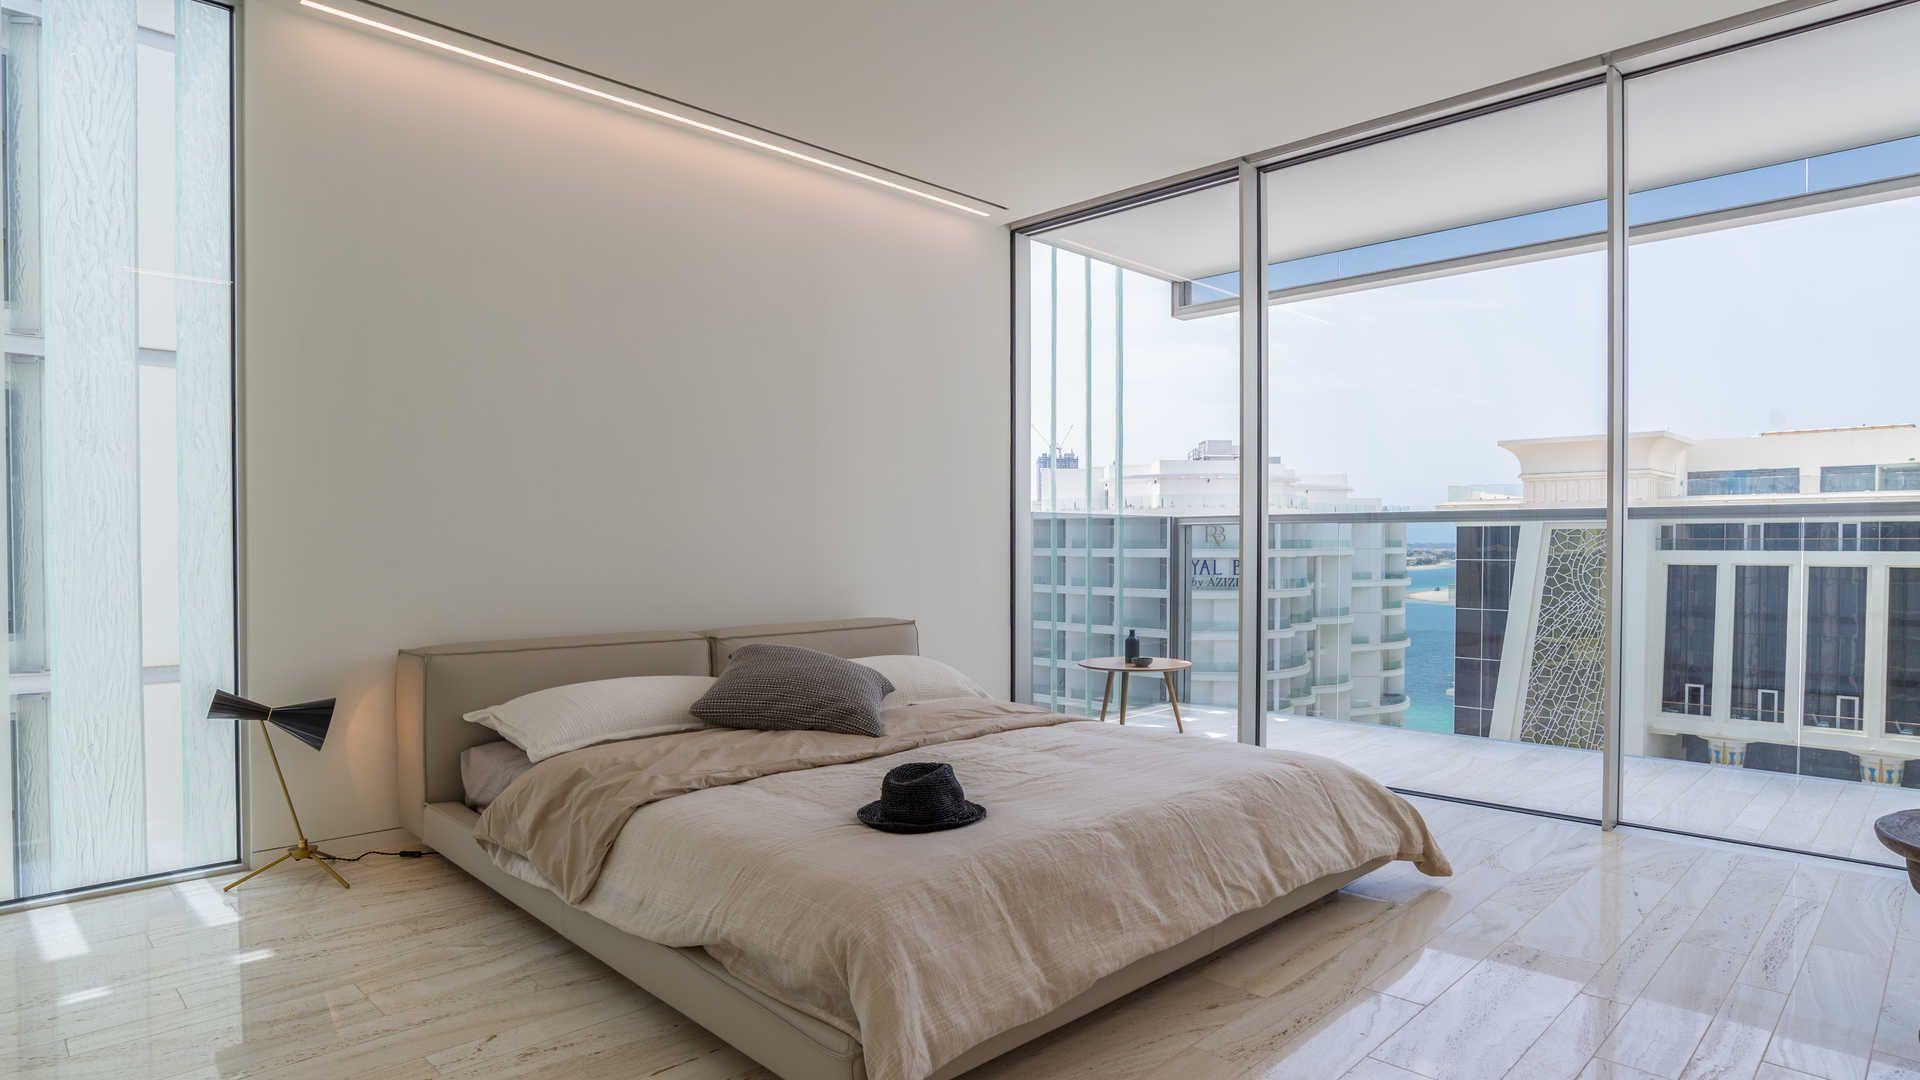 Ático en venta en Dubai, EAU, 5 dormitorios, 673 m2, № 24477 – foto 4